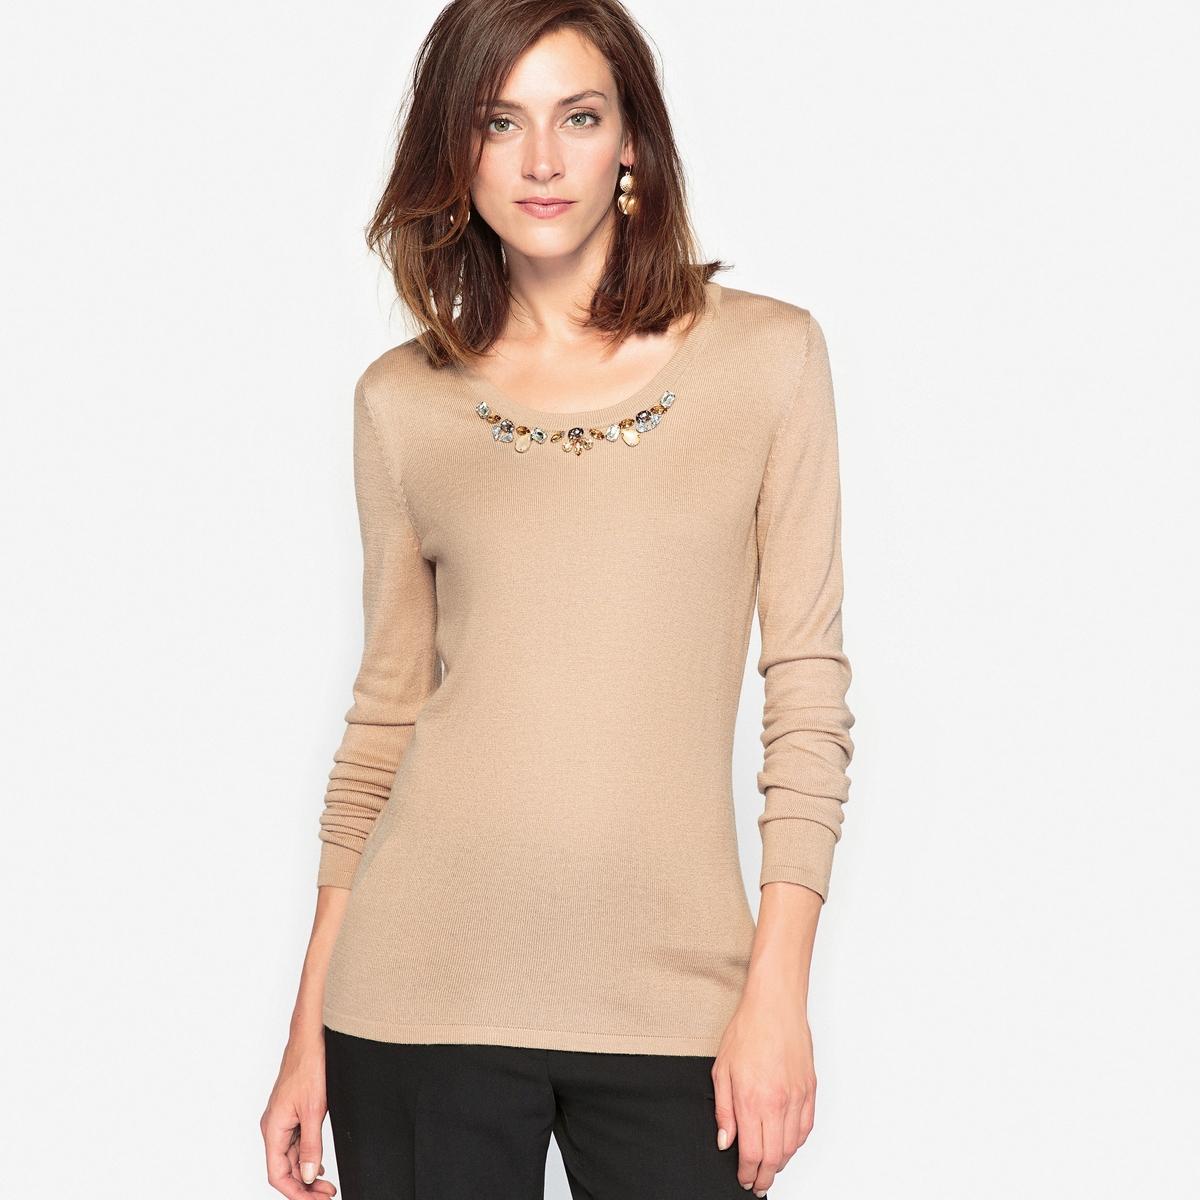 Пуловер с отделкой бижутерией, 10% шерстиСостав и описание:Материал : Трикотаж джерси 66% акрила, 24% полиамида, 10% шерсти .Длина: 62 см. Марка : Anne Weyburn.Уход:Ручная стирка.Гладить на низкой температуре.<br><br>Цвет: бежевый,черный